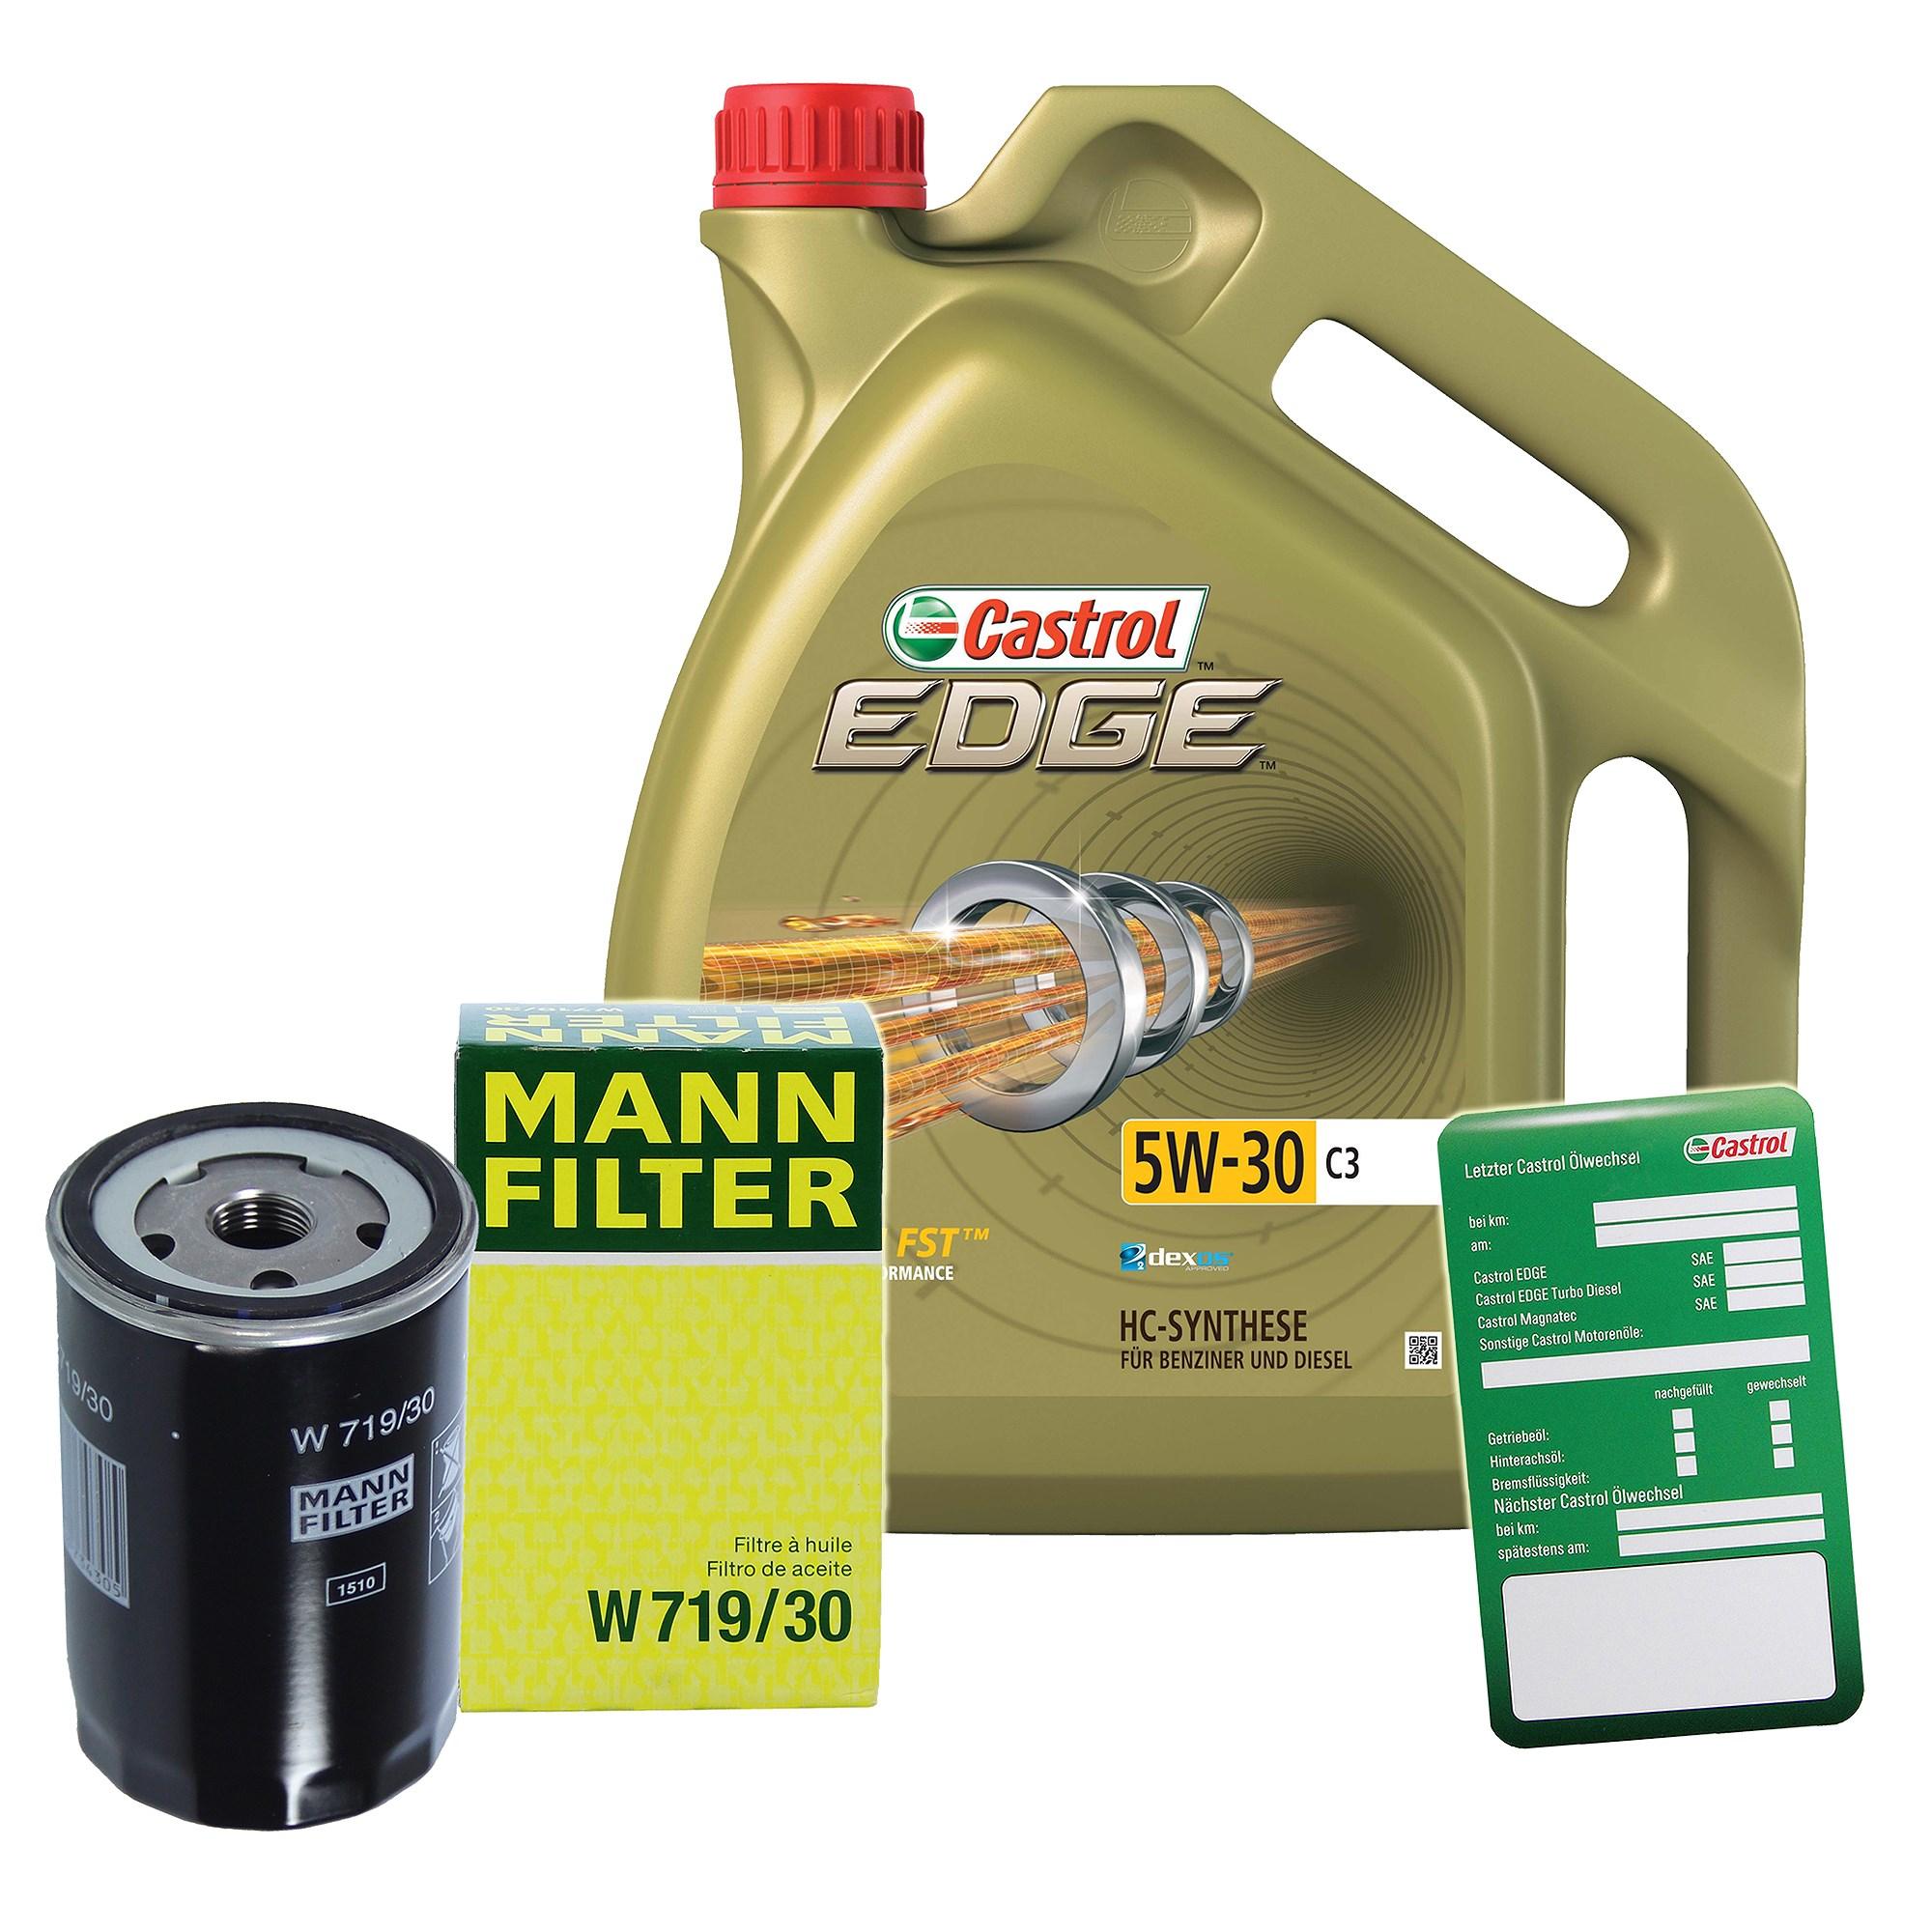 mann filter lfilter 5l castrol edge 5w 30 c3. Black Bedroom Furniture Sets. Home Design Ideas